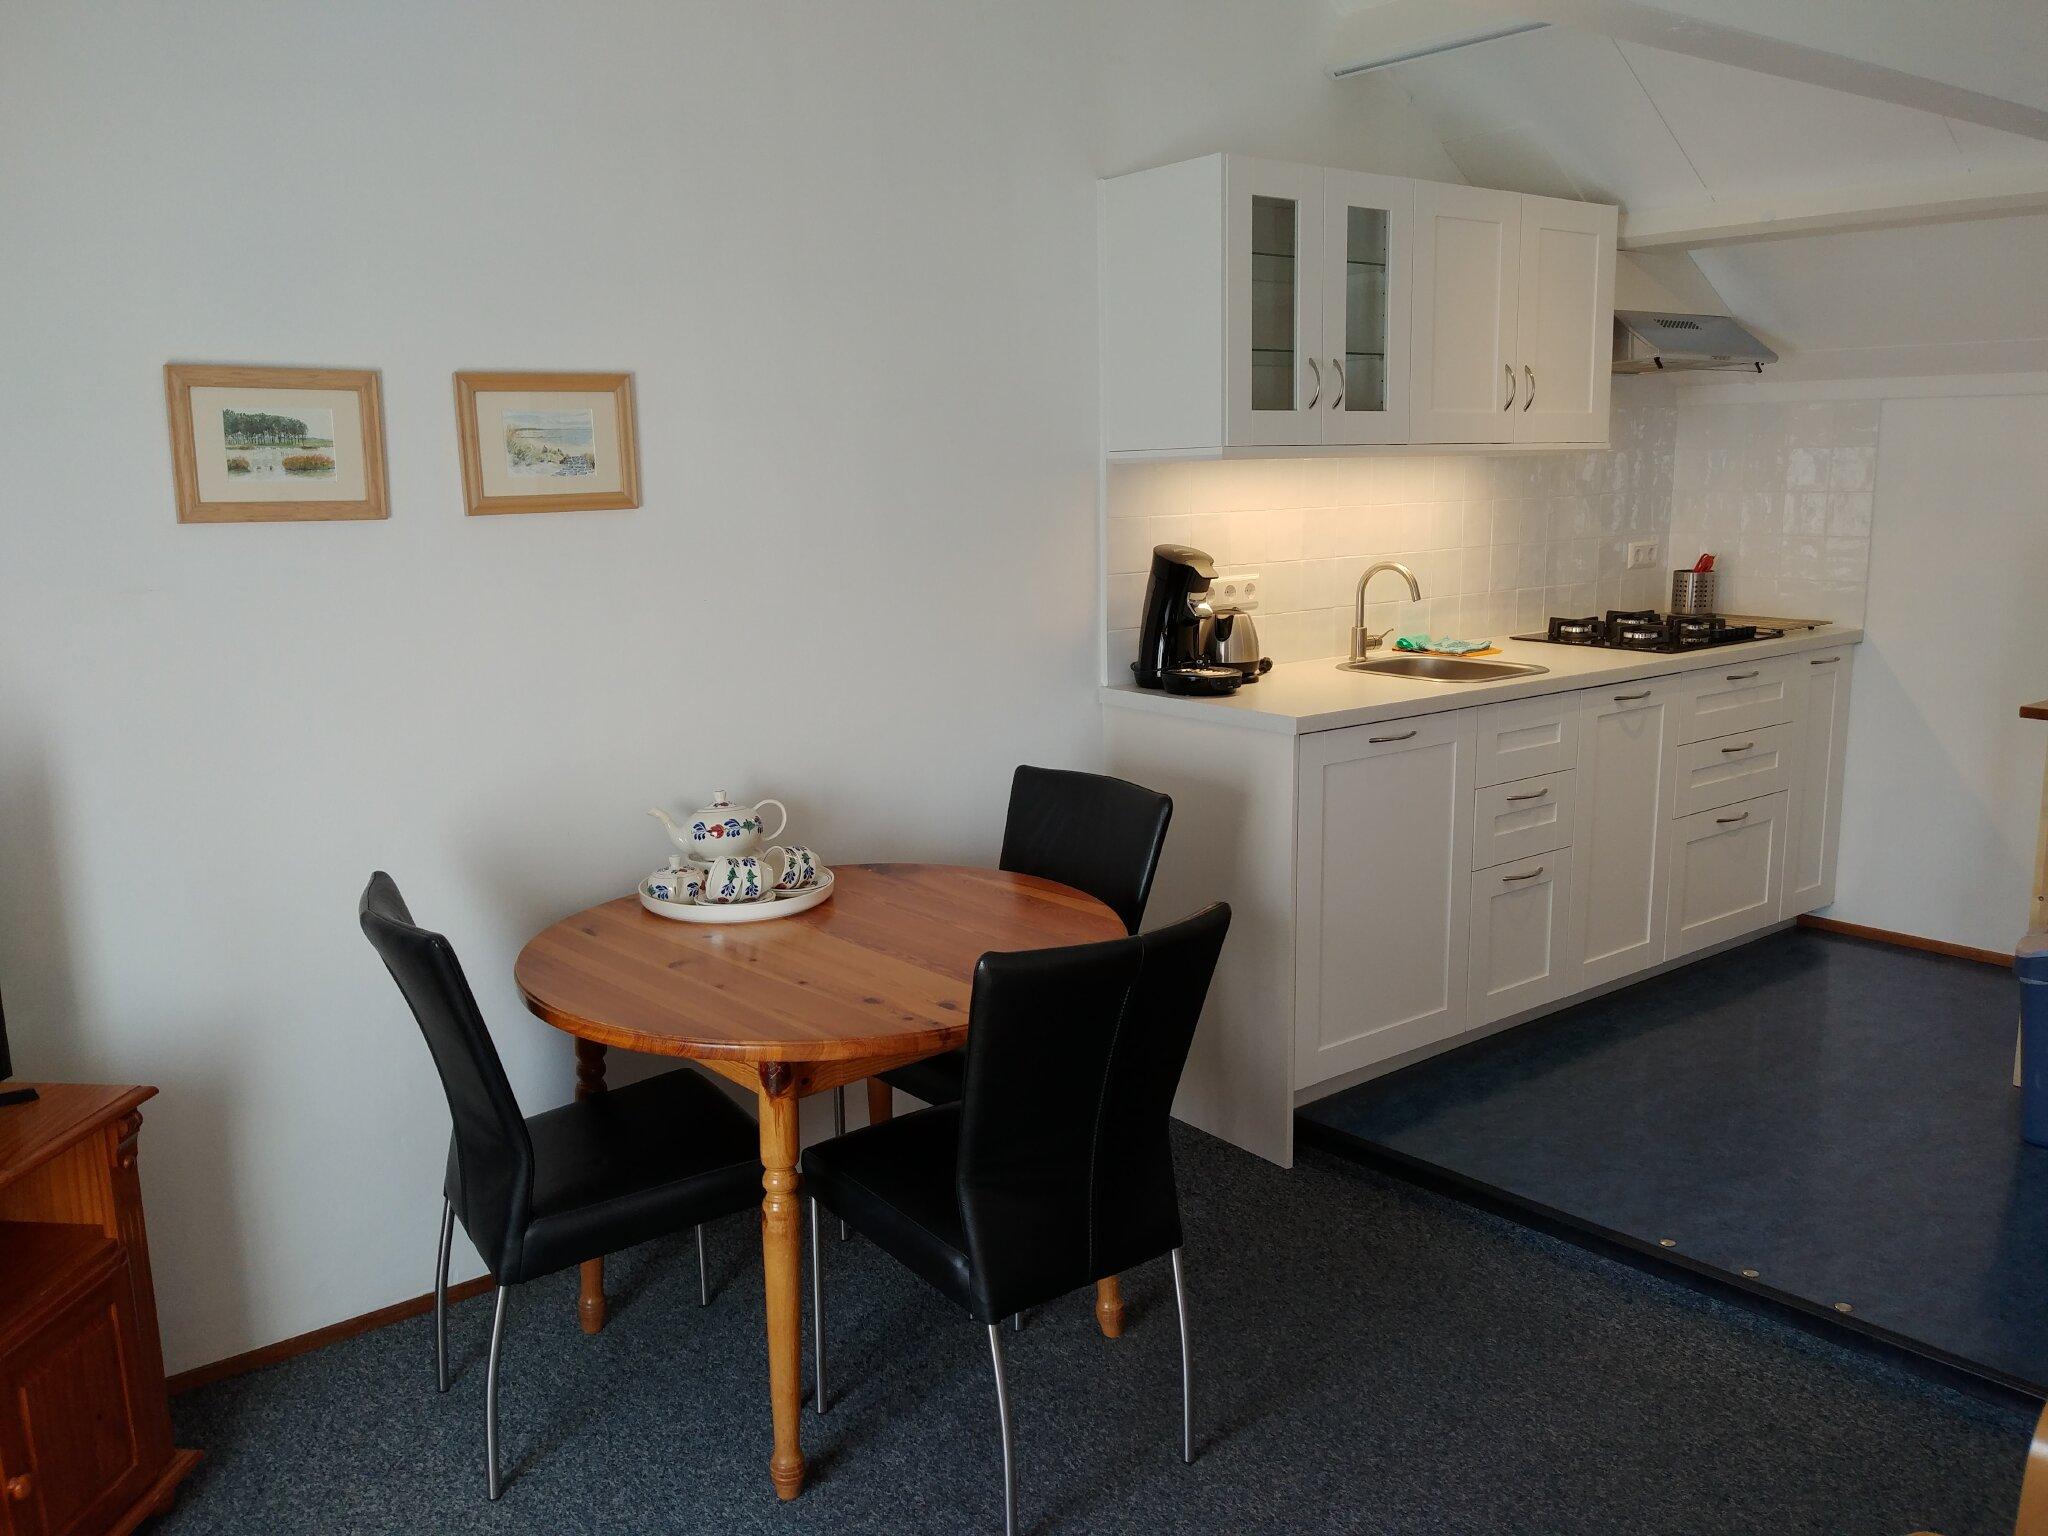 Wohnung fuer 2 Personen mit Küche